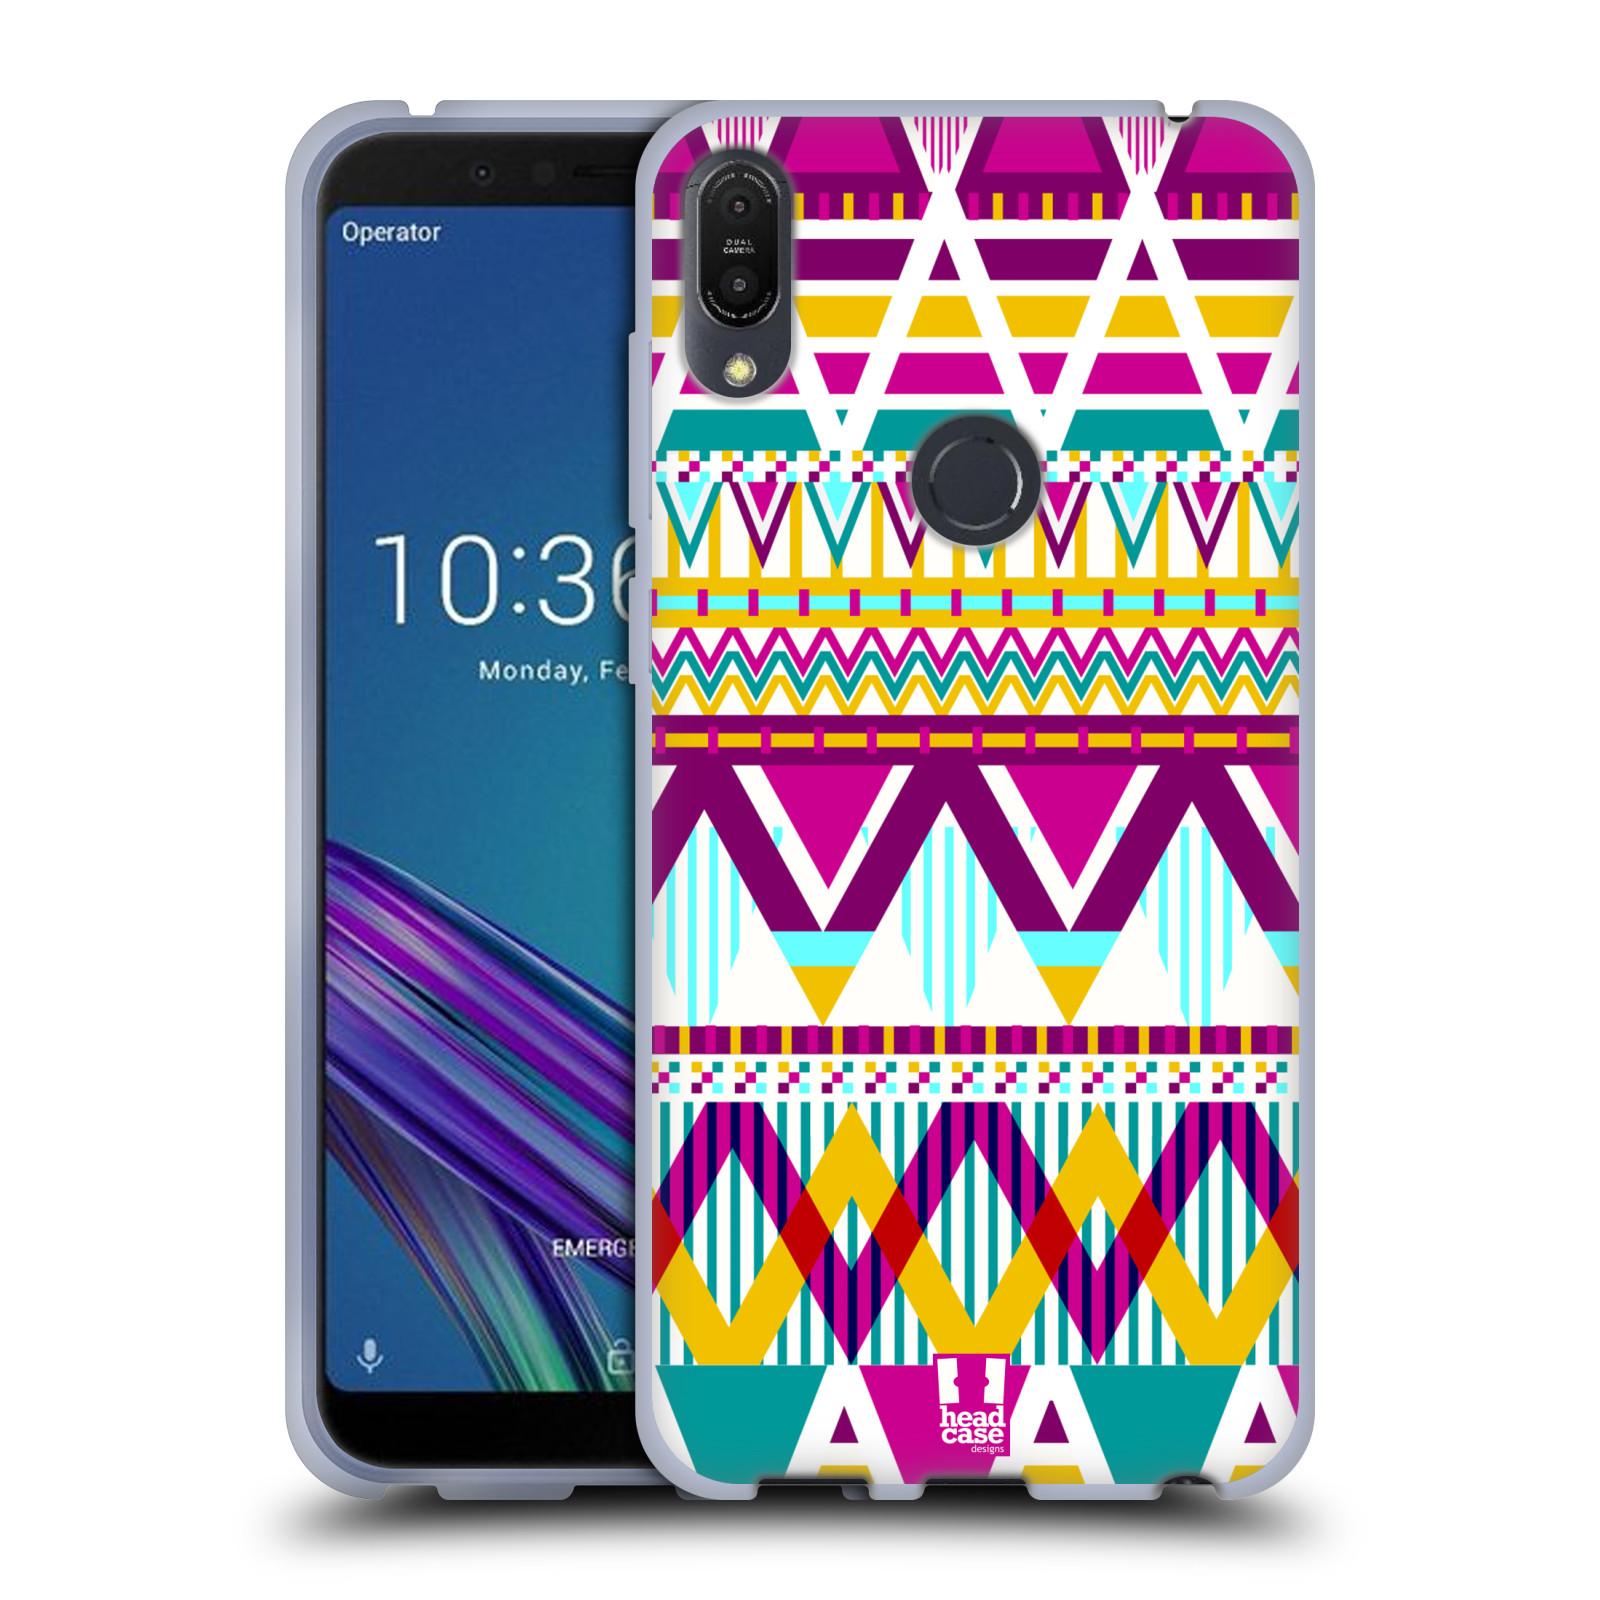 Silikonové pouzdro na mobil Asus ZenFone Max Pro (M1) - Head Case - AZTEC SUGARED